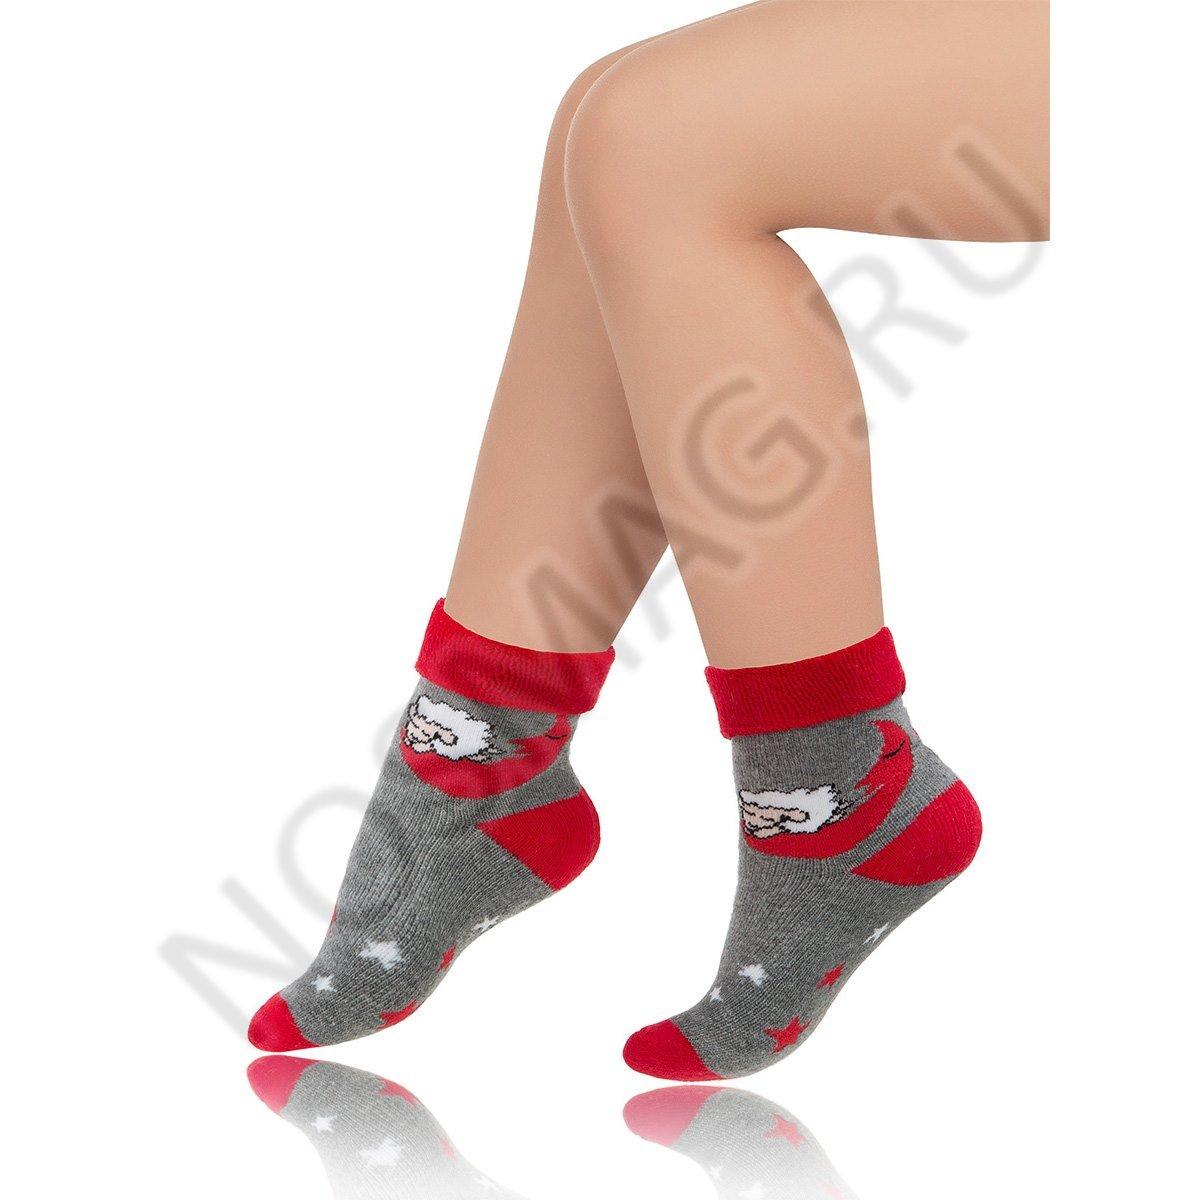 Носки детские хлопковые Charmante серые/красные